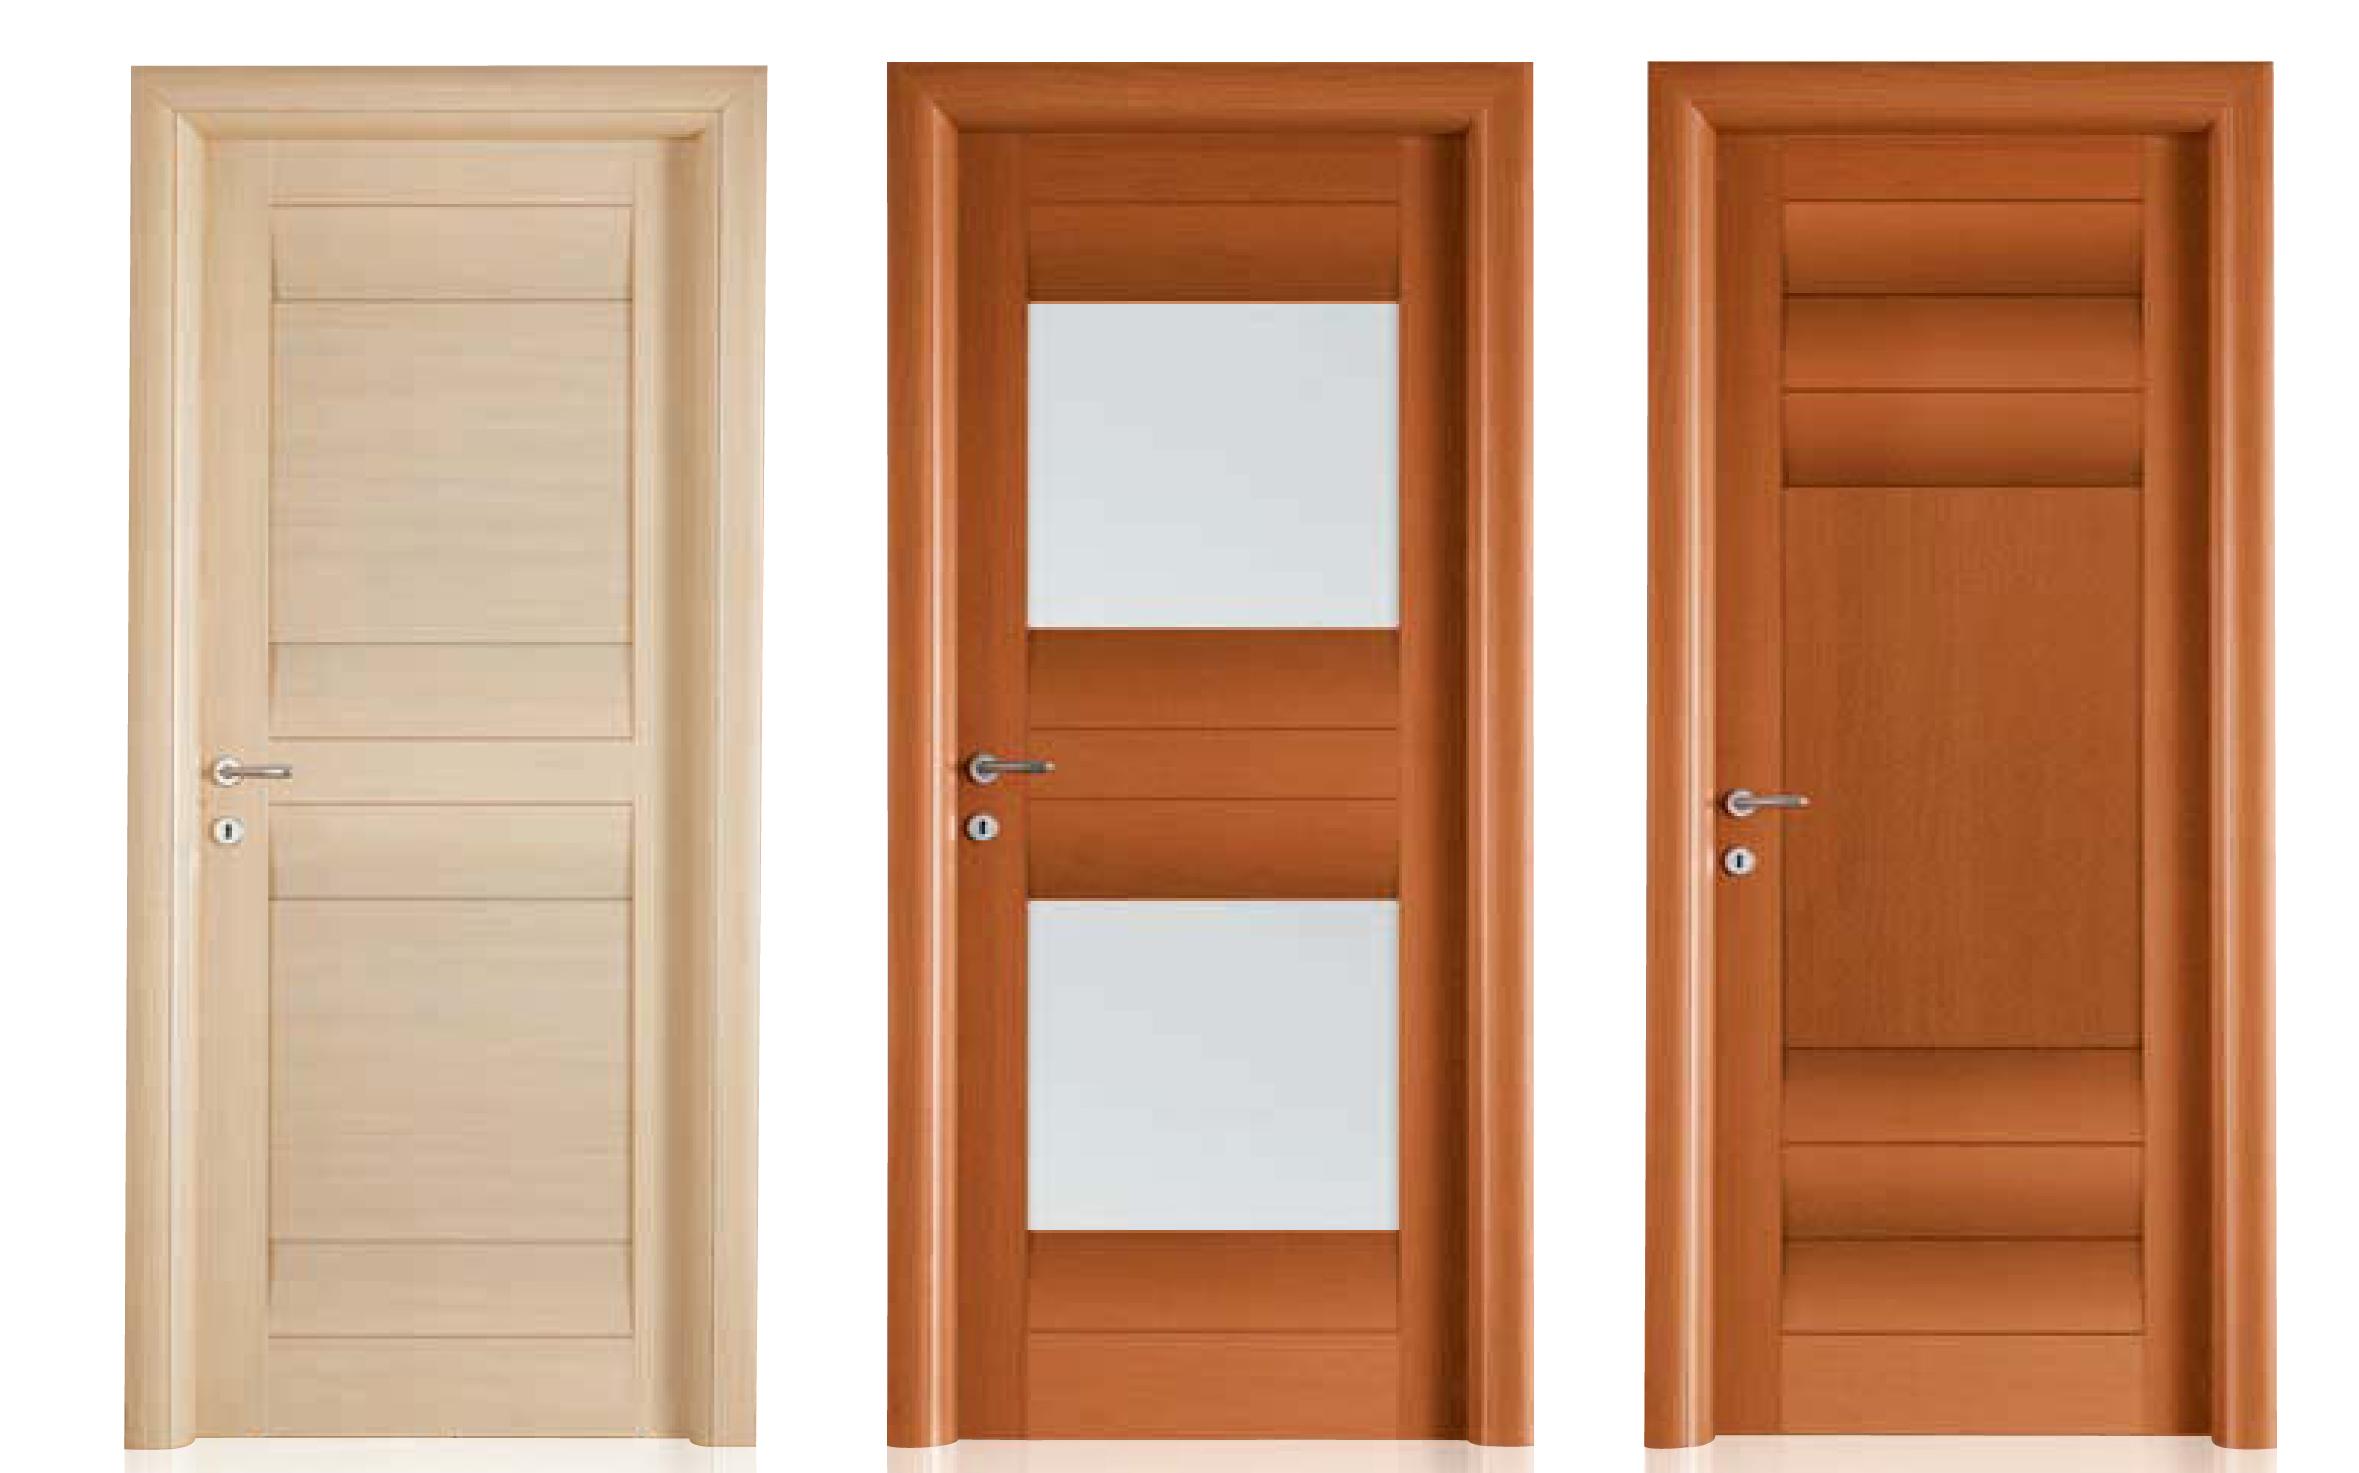 Rinnovare porte interne idee di design per la casa - Rinnovare porte interne tamburate ...